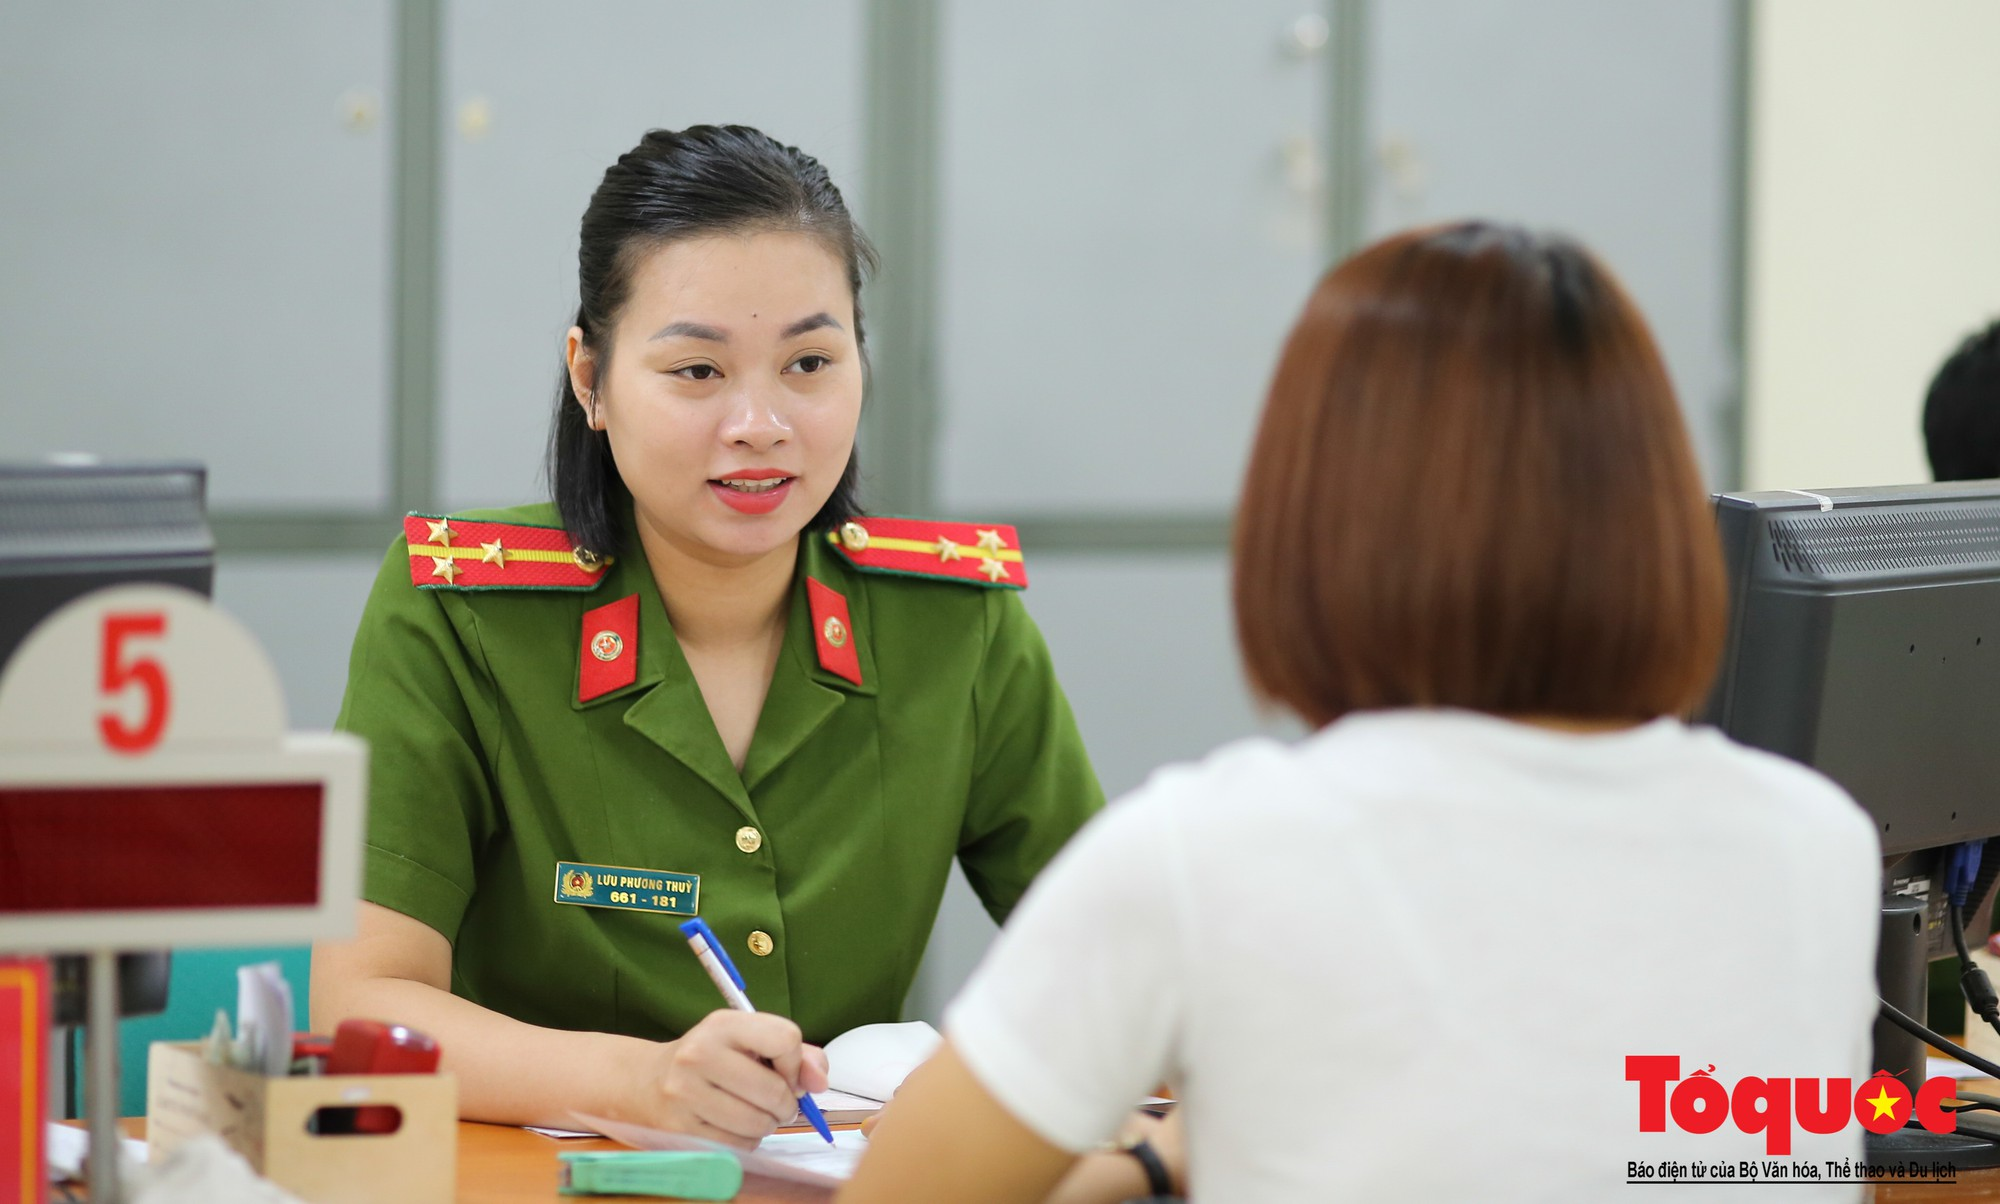 Lực lượng Công an Thủ đô vui tươi, tình nguyện phục vụ nhân dân trong Chủ Nhật (3)